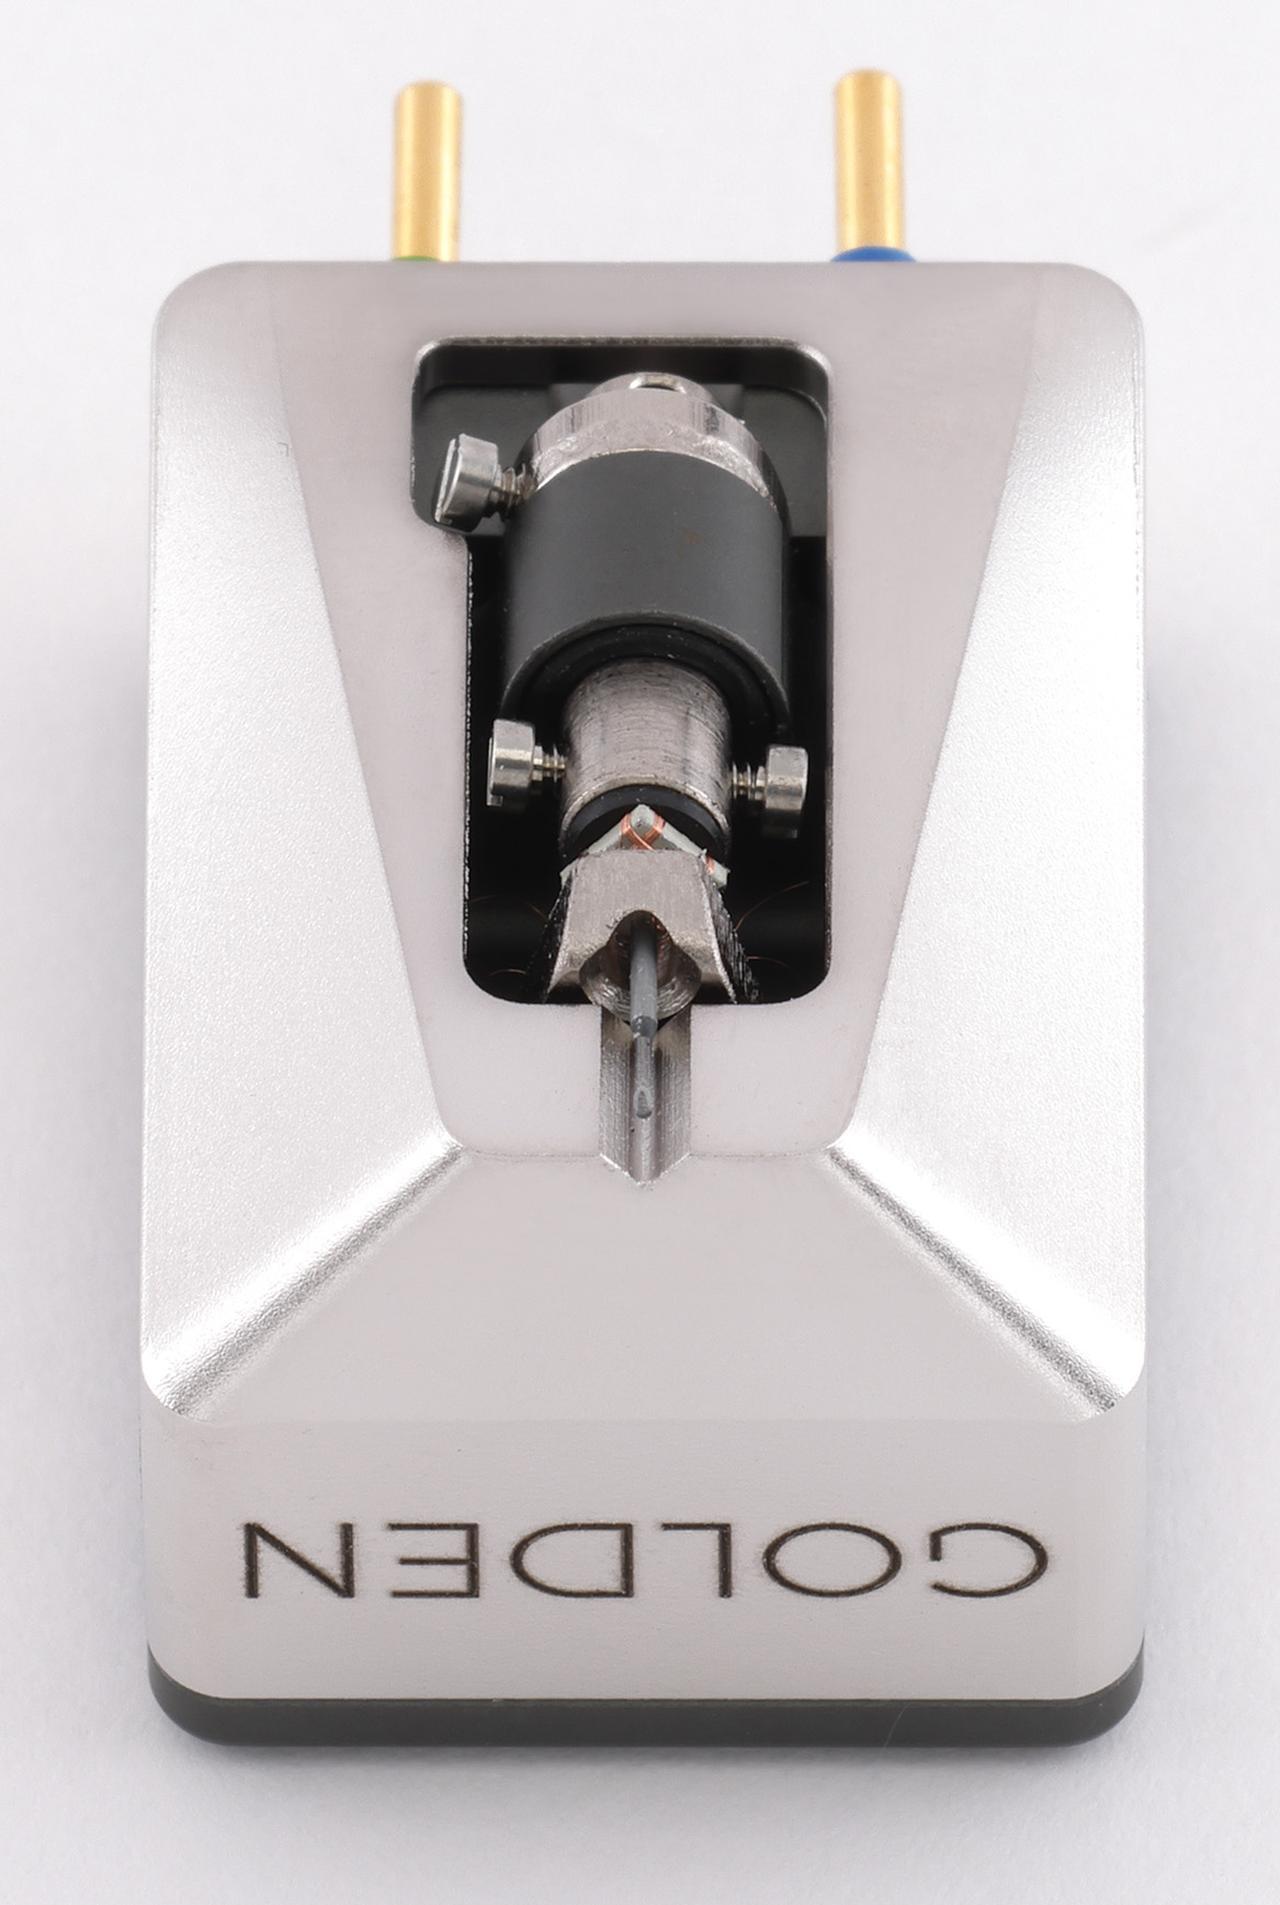 画像: ネオジムマグネットによる磁気回路を採用、四角い鉄心に巻かれたコイルは4N銅線。ボロン製カンチレバーにはマイクロリッジスタイラスが取り付けられる。ボディはアルミ製でロジウムメッキを施している。